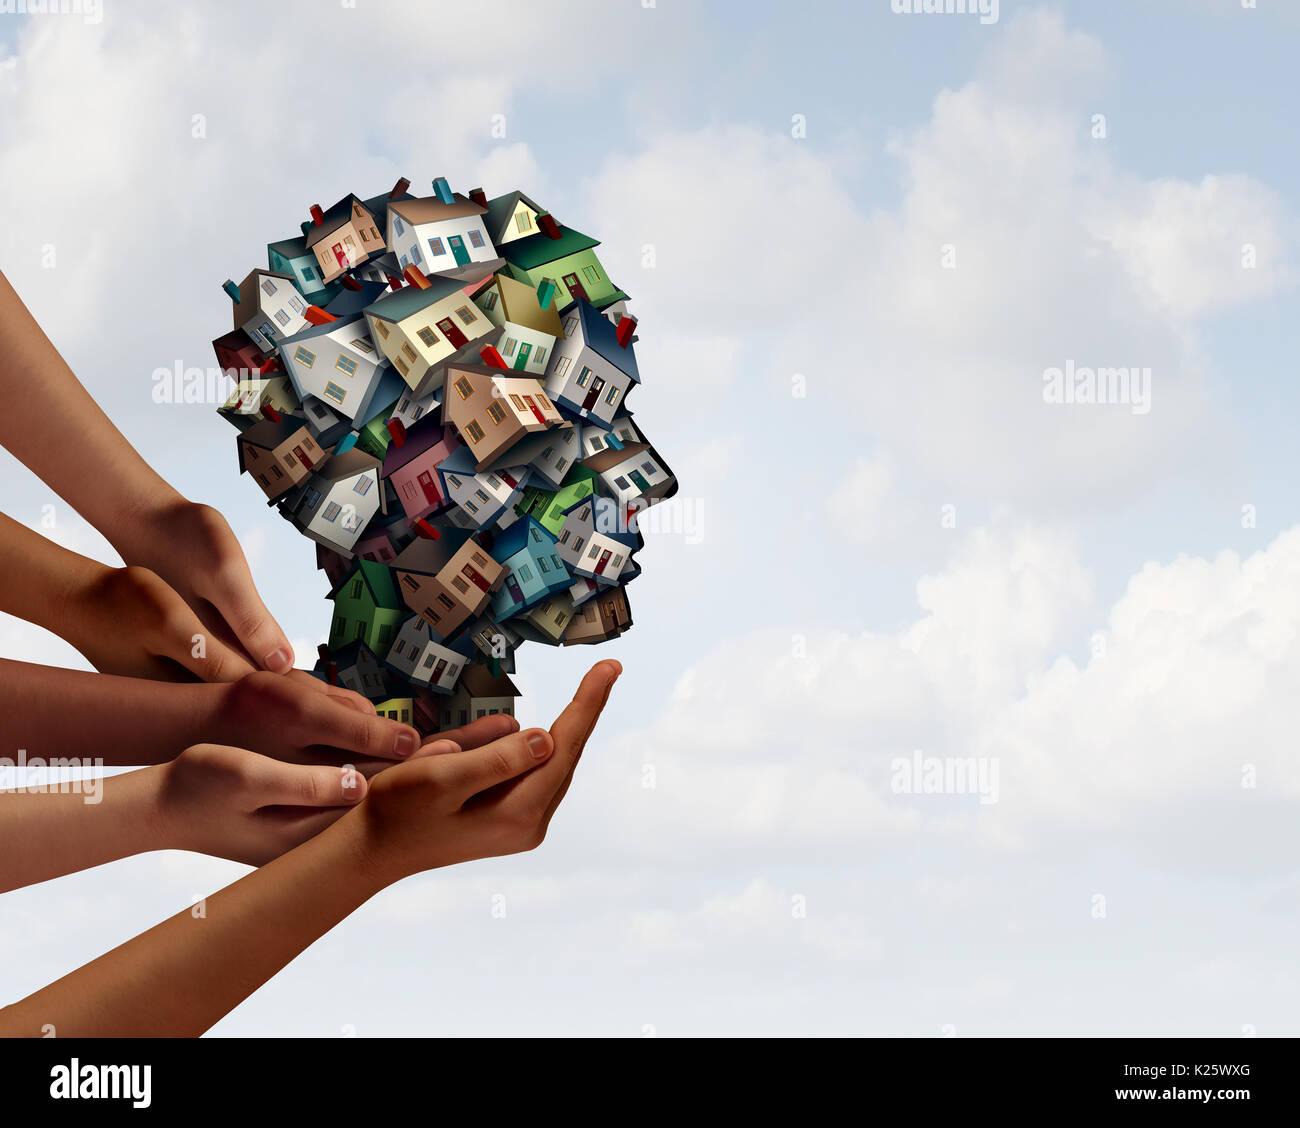 Group Real estate agent Symbol und Home Mortgage Broker team konzept mit menschlichen Händen unterstützt eine Gruppe von Wohnungen oder Häuser. Stockbild